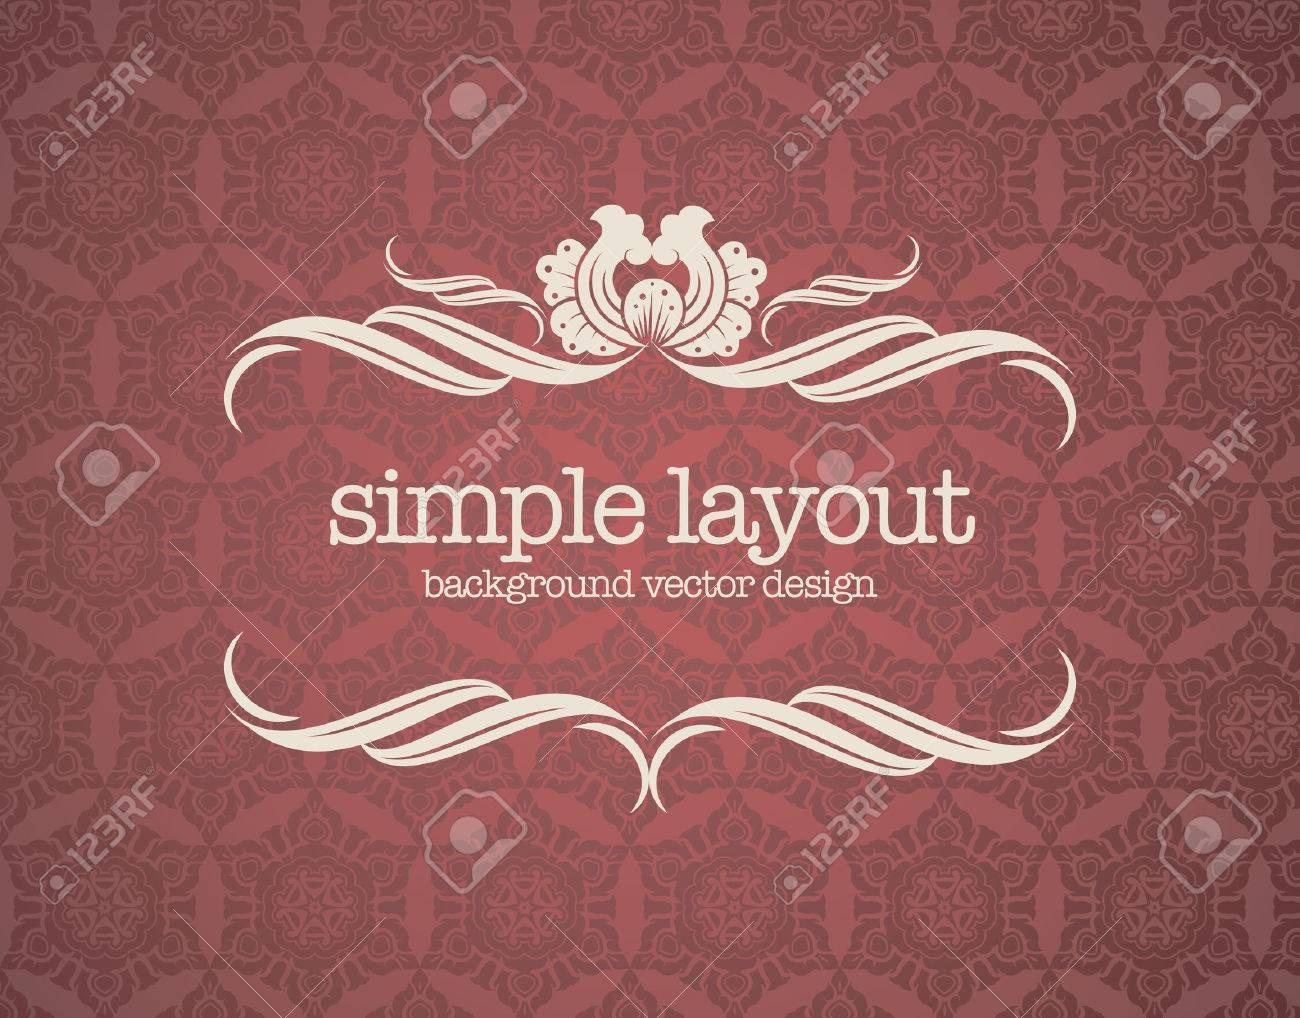 Luxury template flourishes calligraphic elegant ornament lines. - 40044383